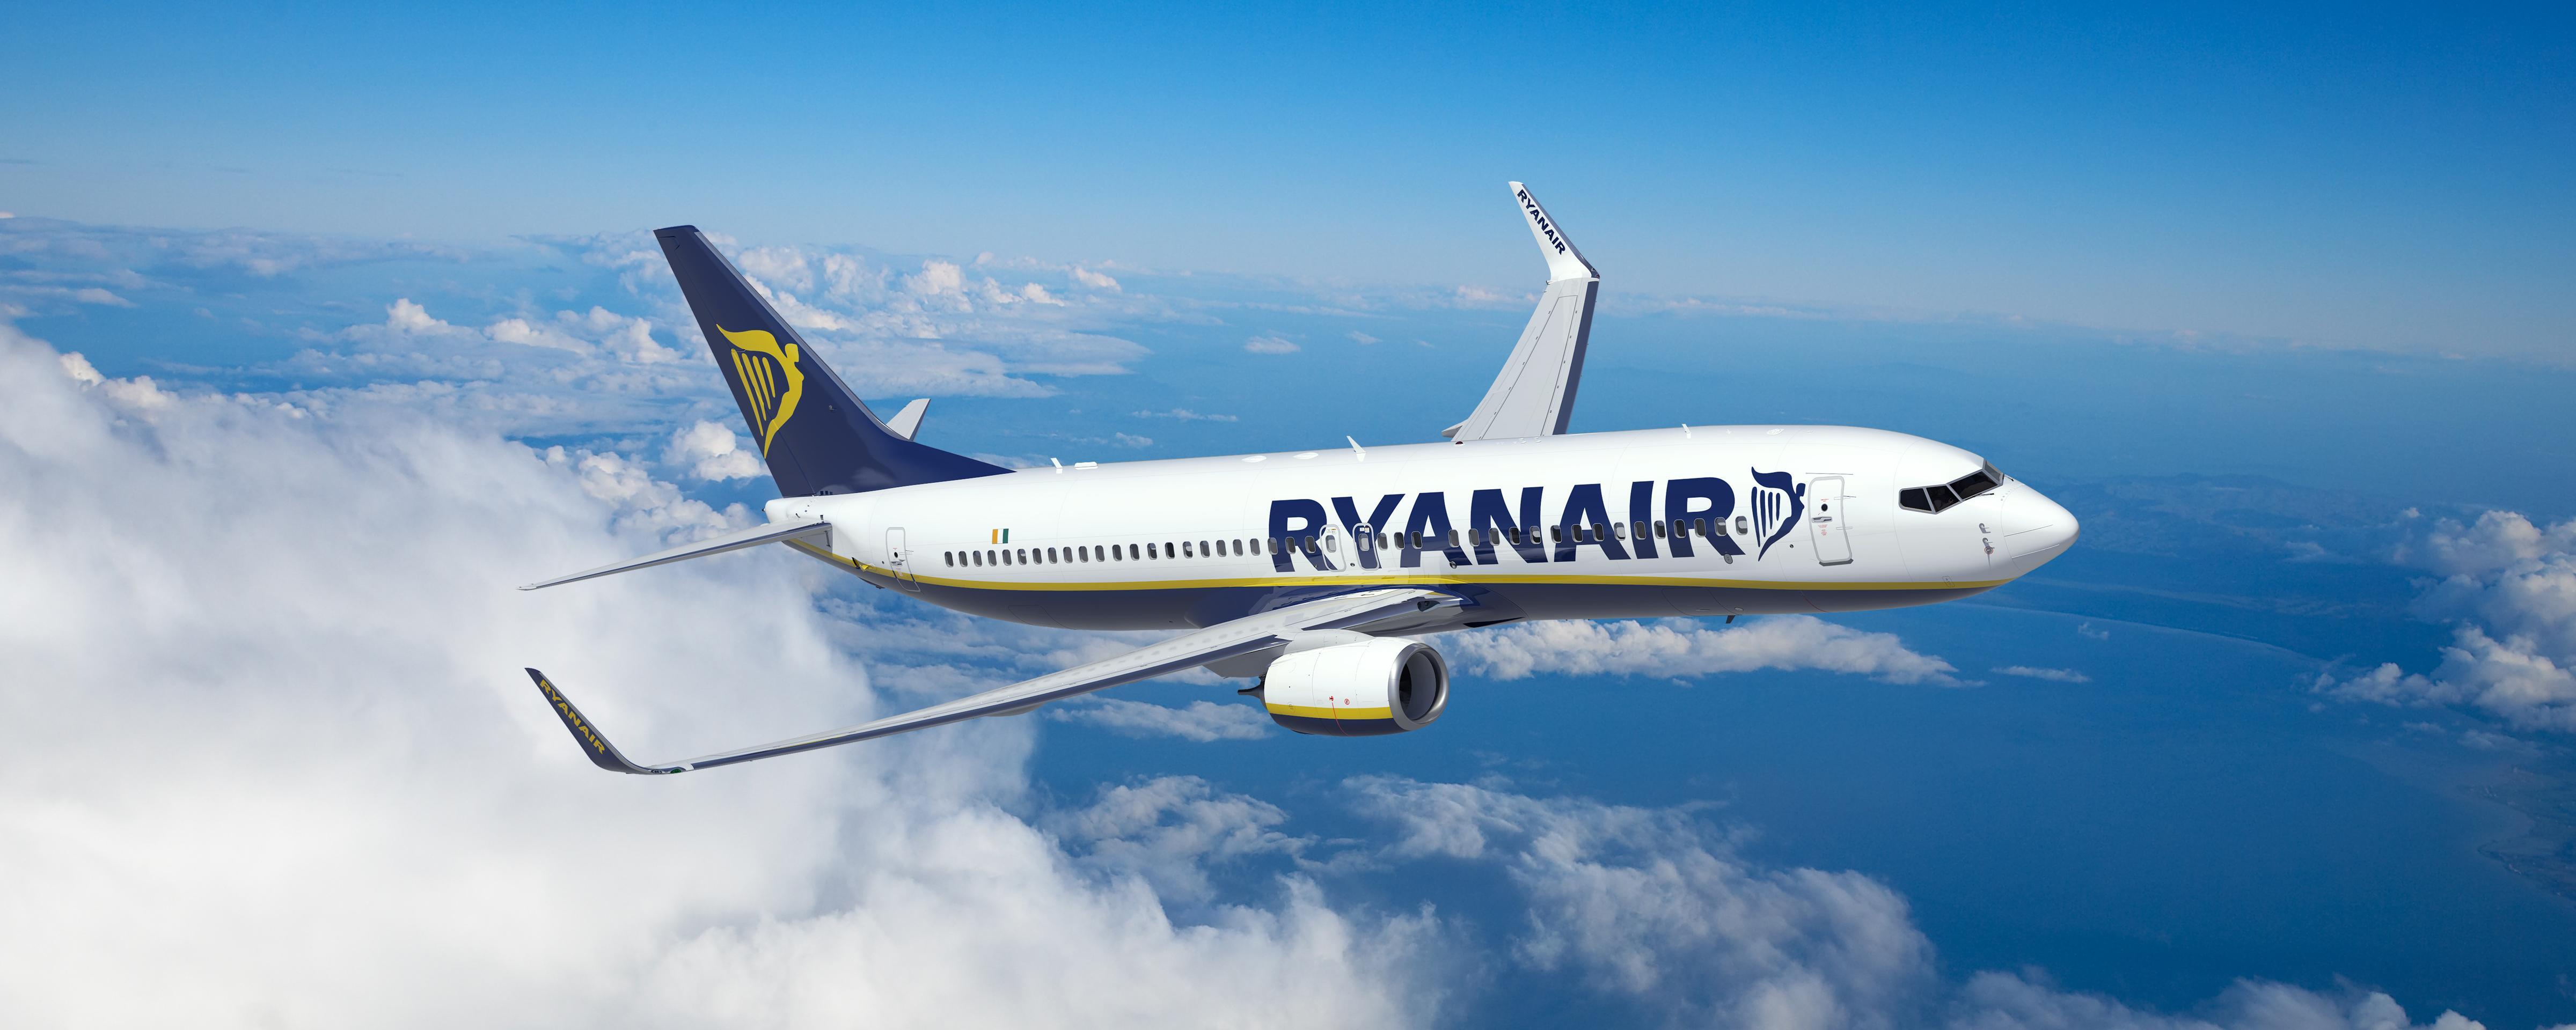 Ryanair, novità per i voli estate 2016: su Roma 7 nuove rotte